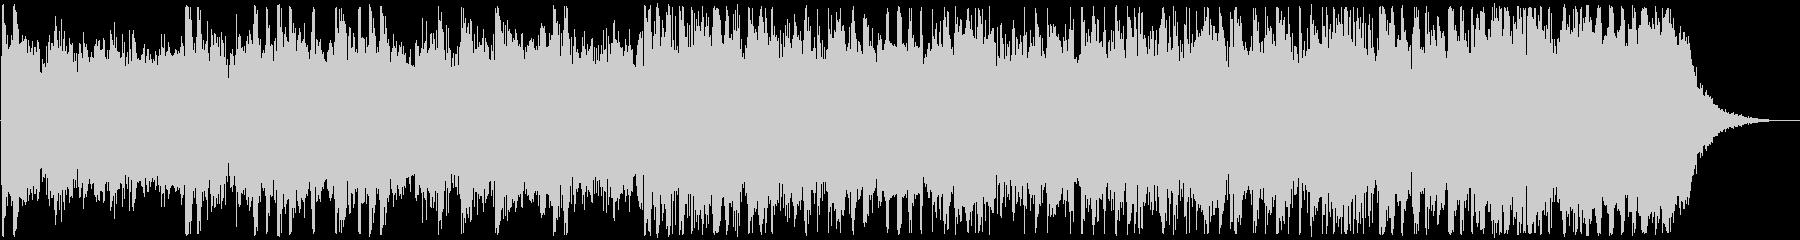 ロック、メタル25秒ジングル リード抜きの未再生の波形